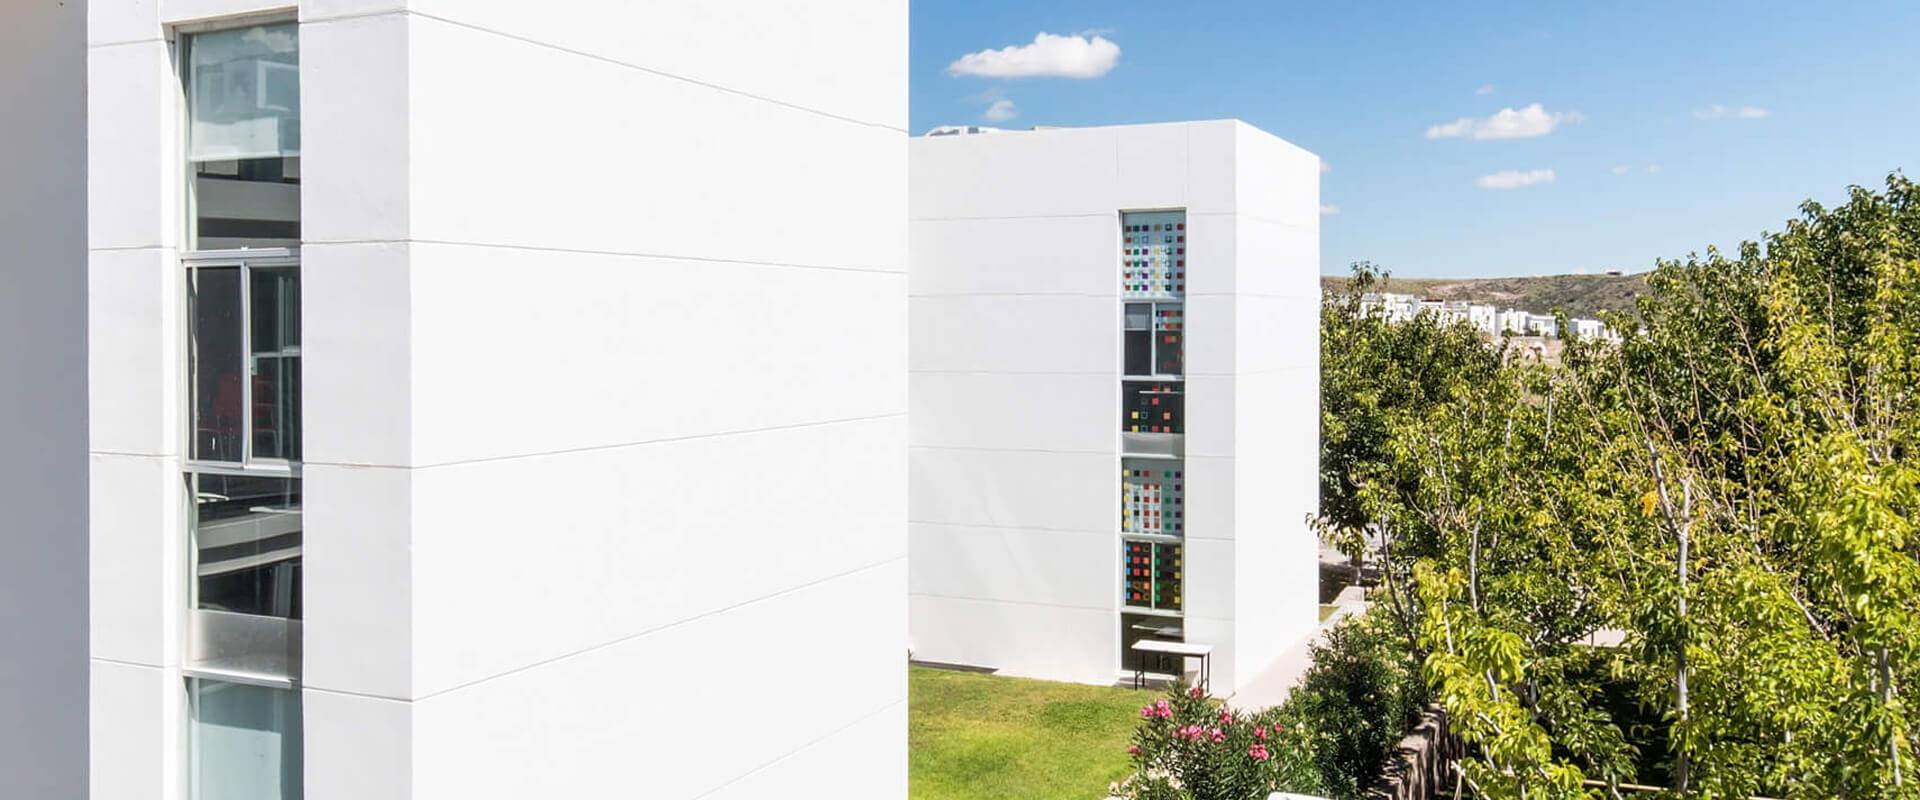 Julio Gaeta será el nuevo director del Instituto Superior de Arquitectura y Diseño en México